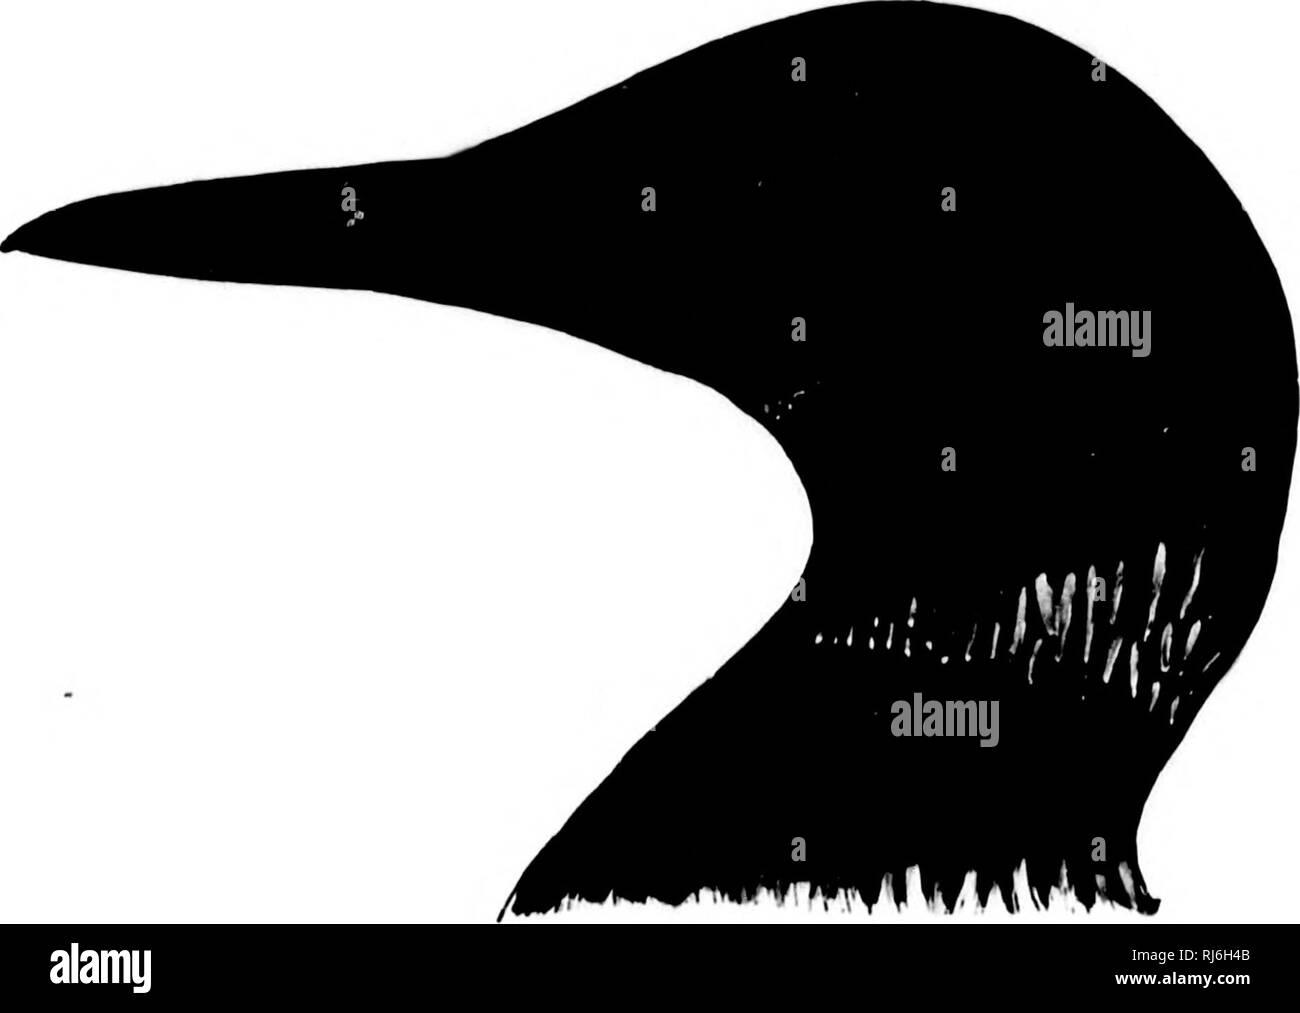 """. Las aves acuáticas de América del Norte [microforma]. Aves; aves; Agua; Oiseaux aquatiques Oiseaux. 446 - rVGOPODES UIUDS EL BUCEO. Urinator immer. La OBEAT NOBTHEBN DIVEB. Cobjmbus imbrr^ (irNN, Troiid. Srl-ik. Skr. I. ITtil, i. iii. Cihjmhun imiiur, Biii'-NN. Orii. IJor. 17tU, 34 (joiiii}'). - Linn. S. N. p(1. 12, I. 1700, 222. I.'rimitor immcr, SlIviN. I'r. V. S. Nat. Mils. Vol 5, 1882, 43. t'ohimhuntKrqutilus, Hui'sN. Orii. lloi-. 17(i4, 41. - L.vwii. En Hiiird'.s B. N. Am. 1858, 888. - IUird, Cat. N. Am. IJ. ]85!t, uu. 0U8. - Cori;s, I'r. Ac. Nat. .S""""i. I'liilatl. 18(J2, 227 ; la llave, 1 Foto de stock"""